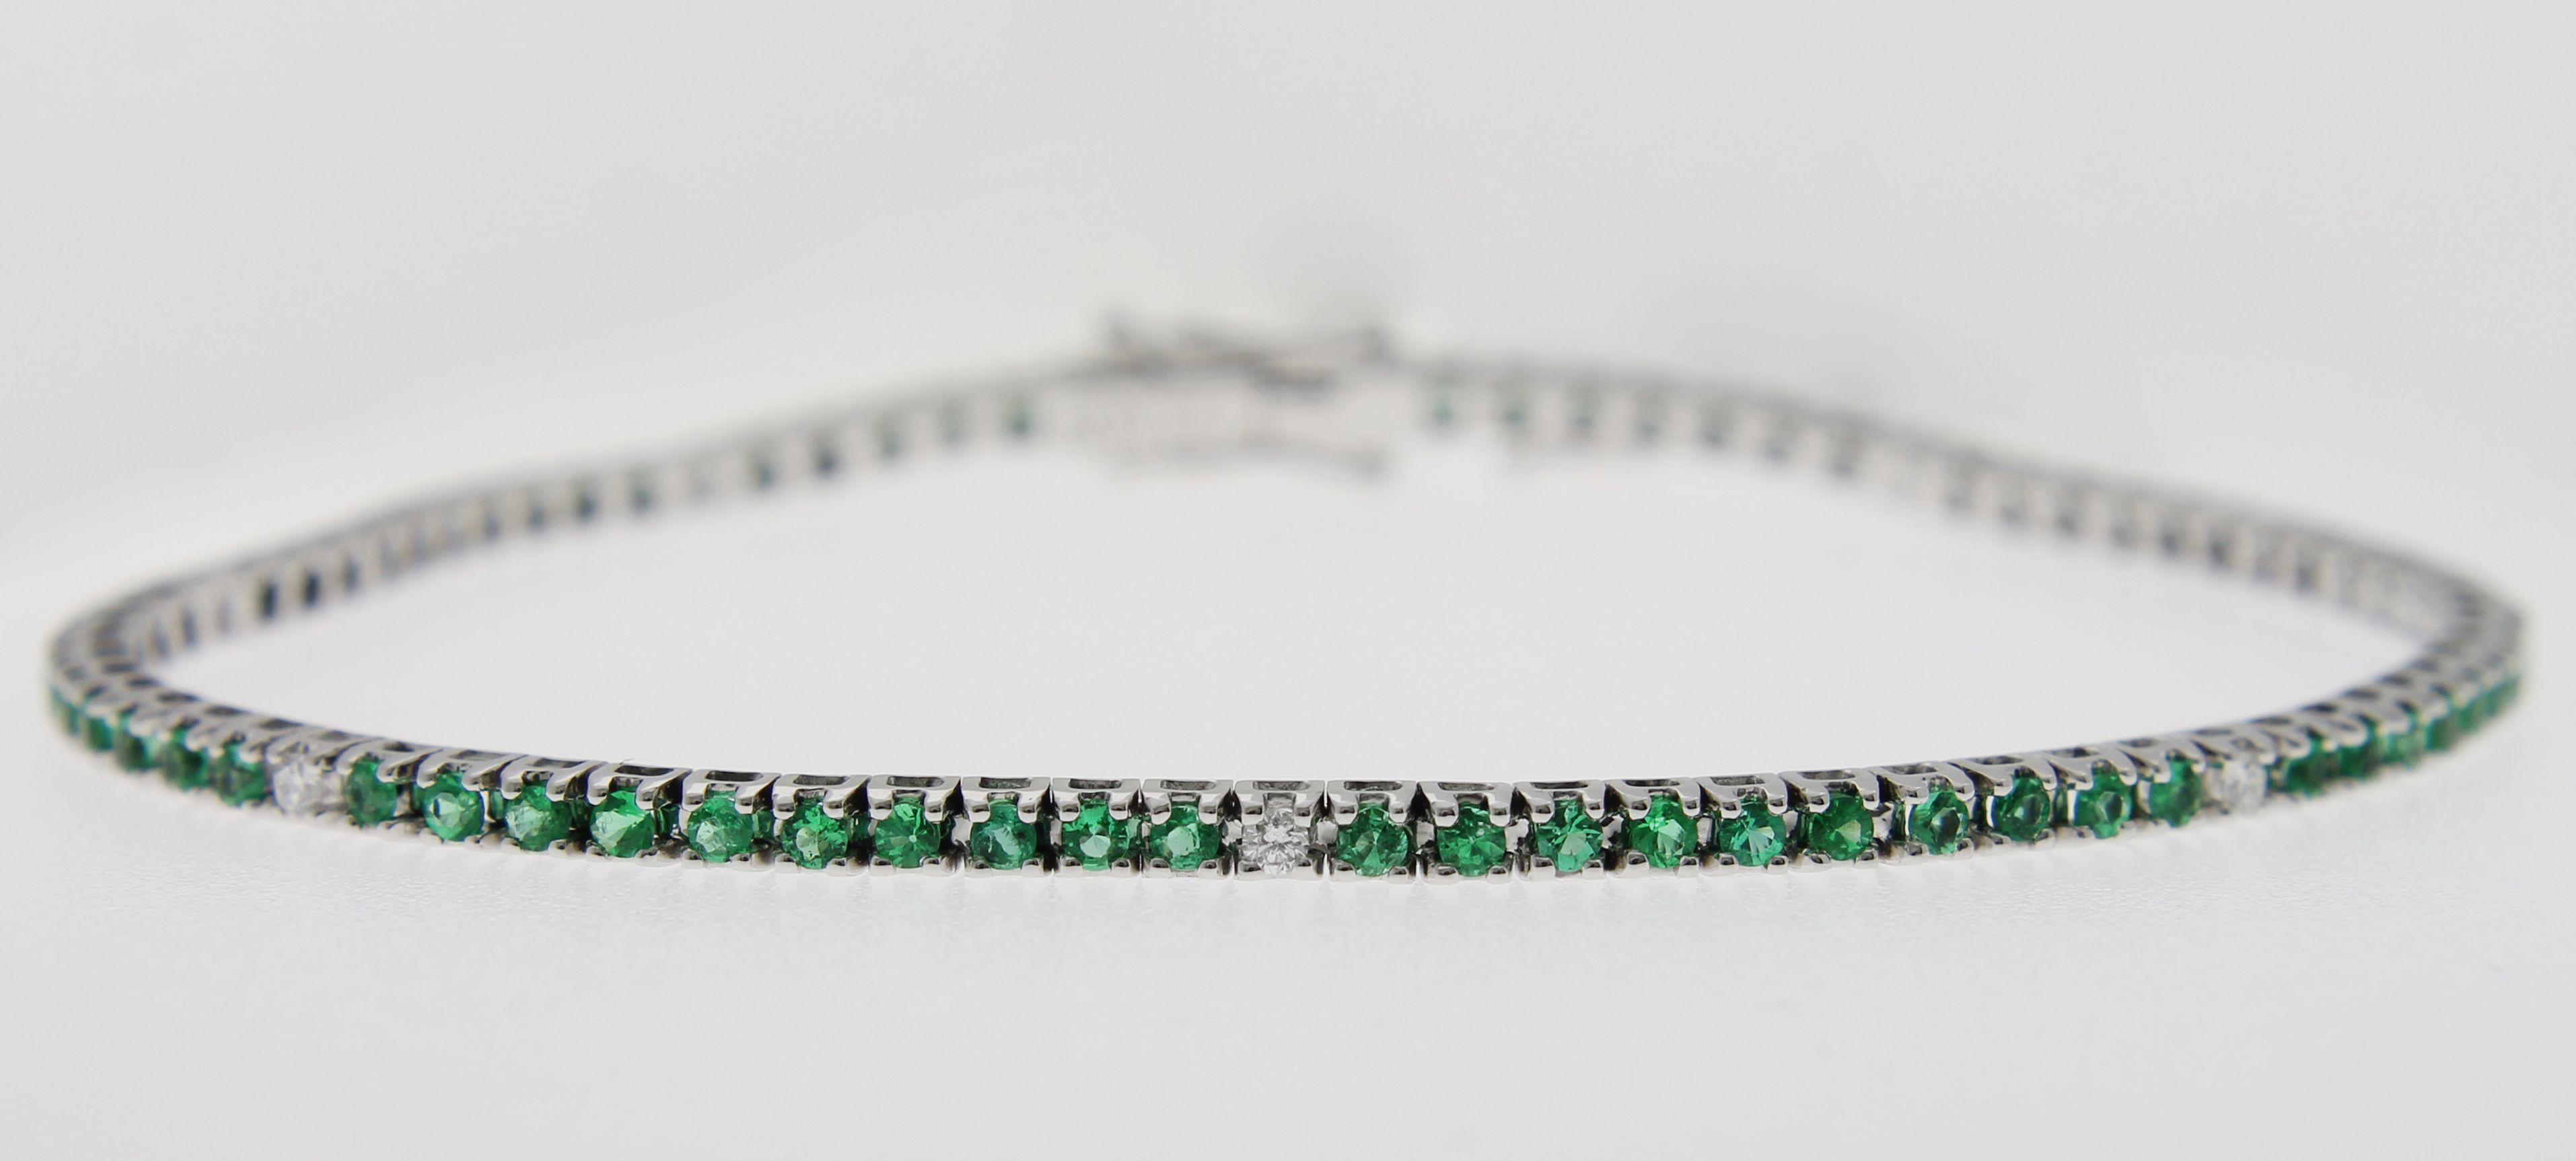 di prim'ordine f52e0 821ab Foto completa del bracciale tennis con smeraldi e diamanti ...